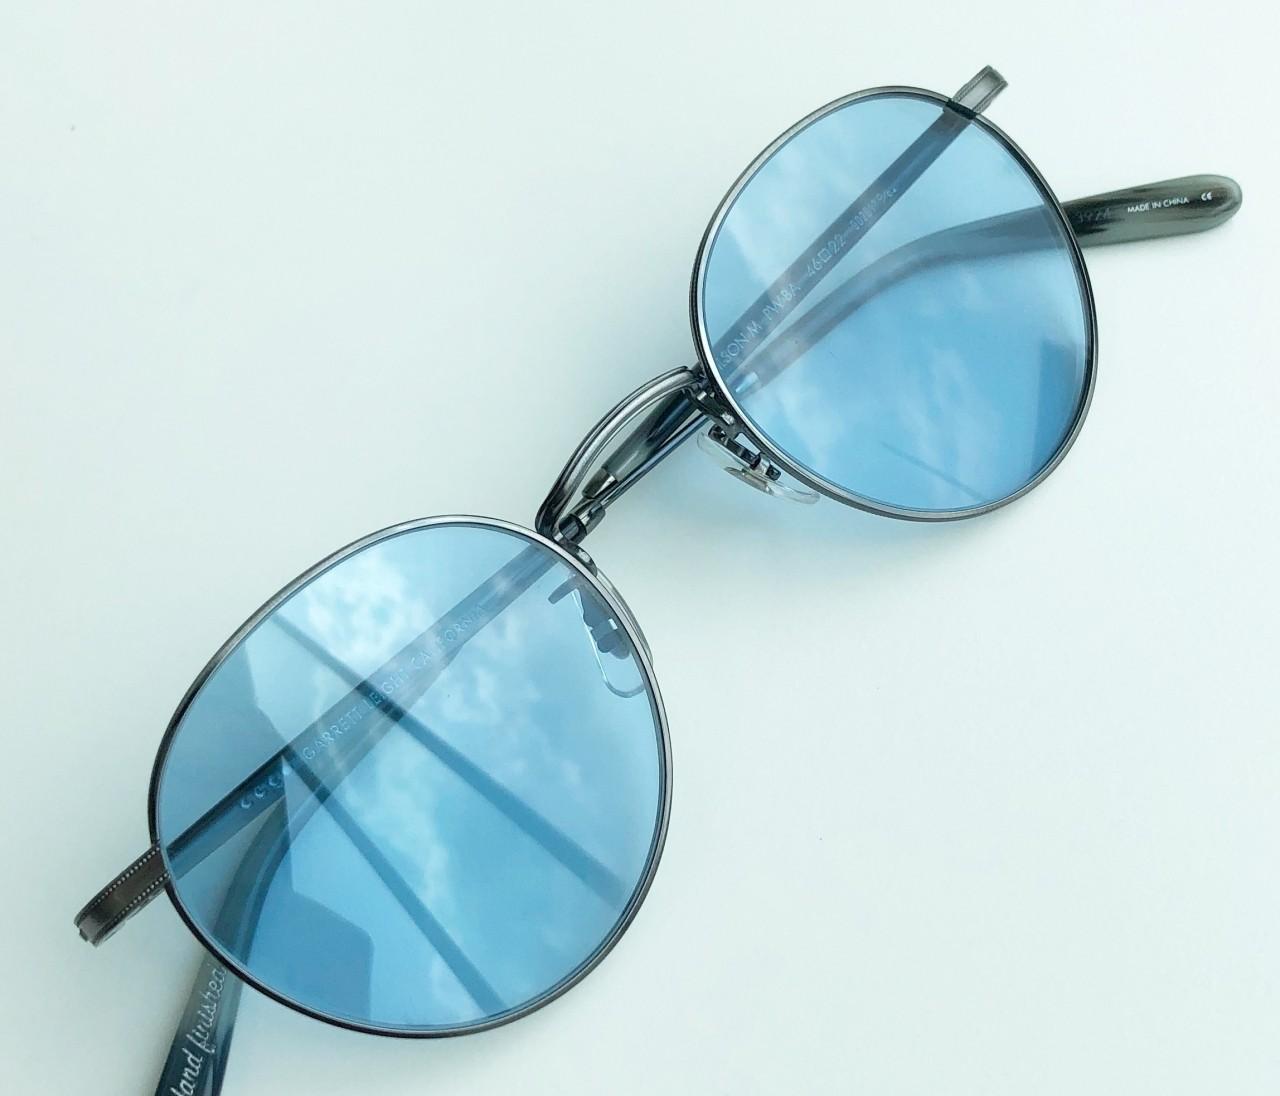 【エディターのおうち私物#14】毎日が楽しくなる在宅ファッション/「GLCO」のサングラス&「ATELIER BÉTON」のロンT